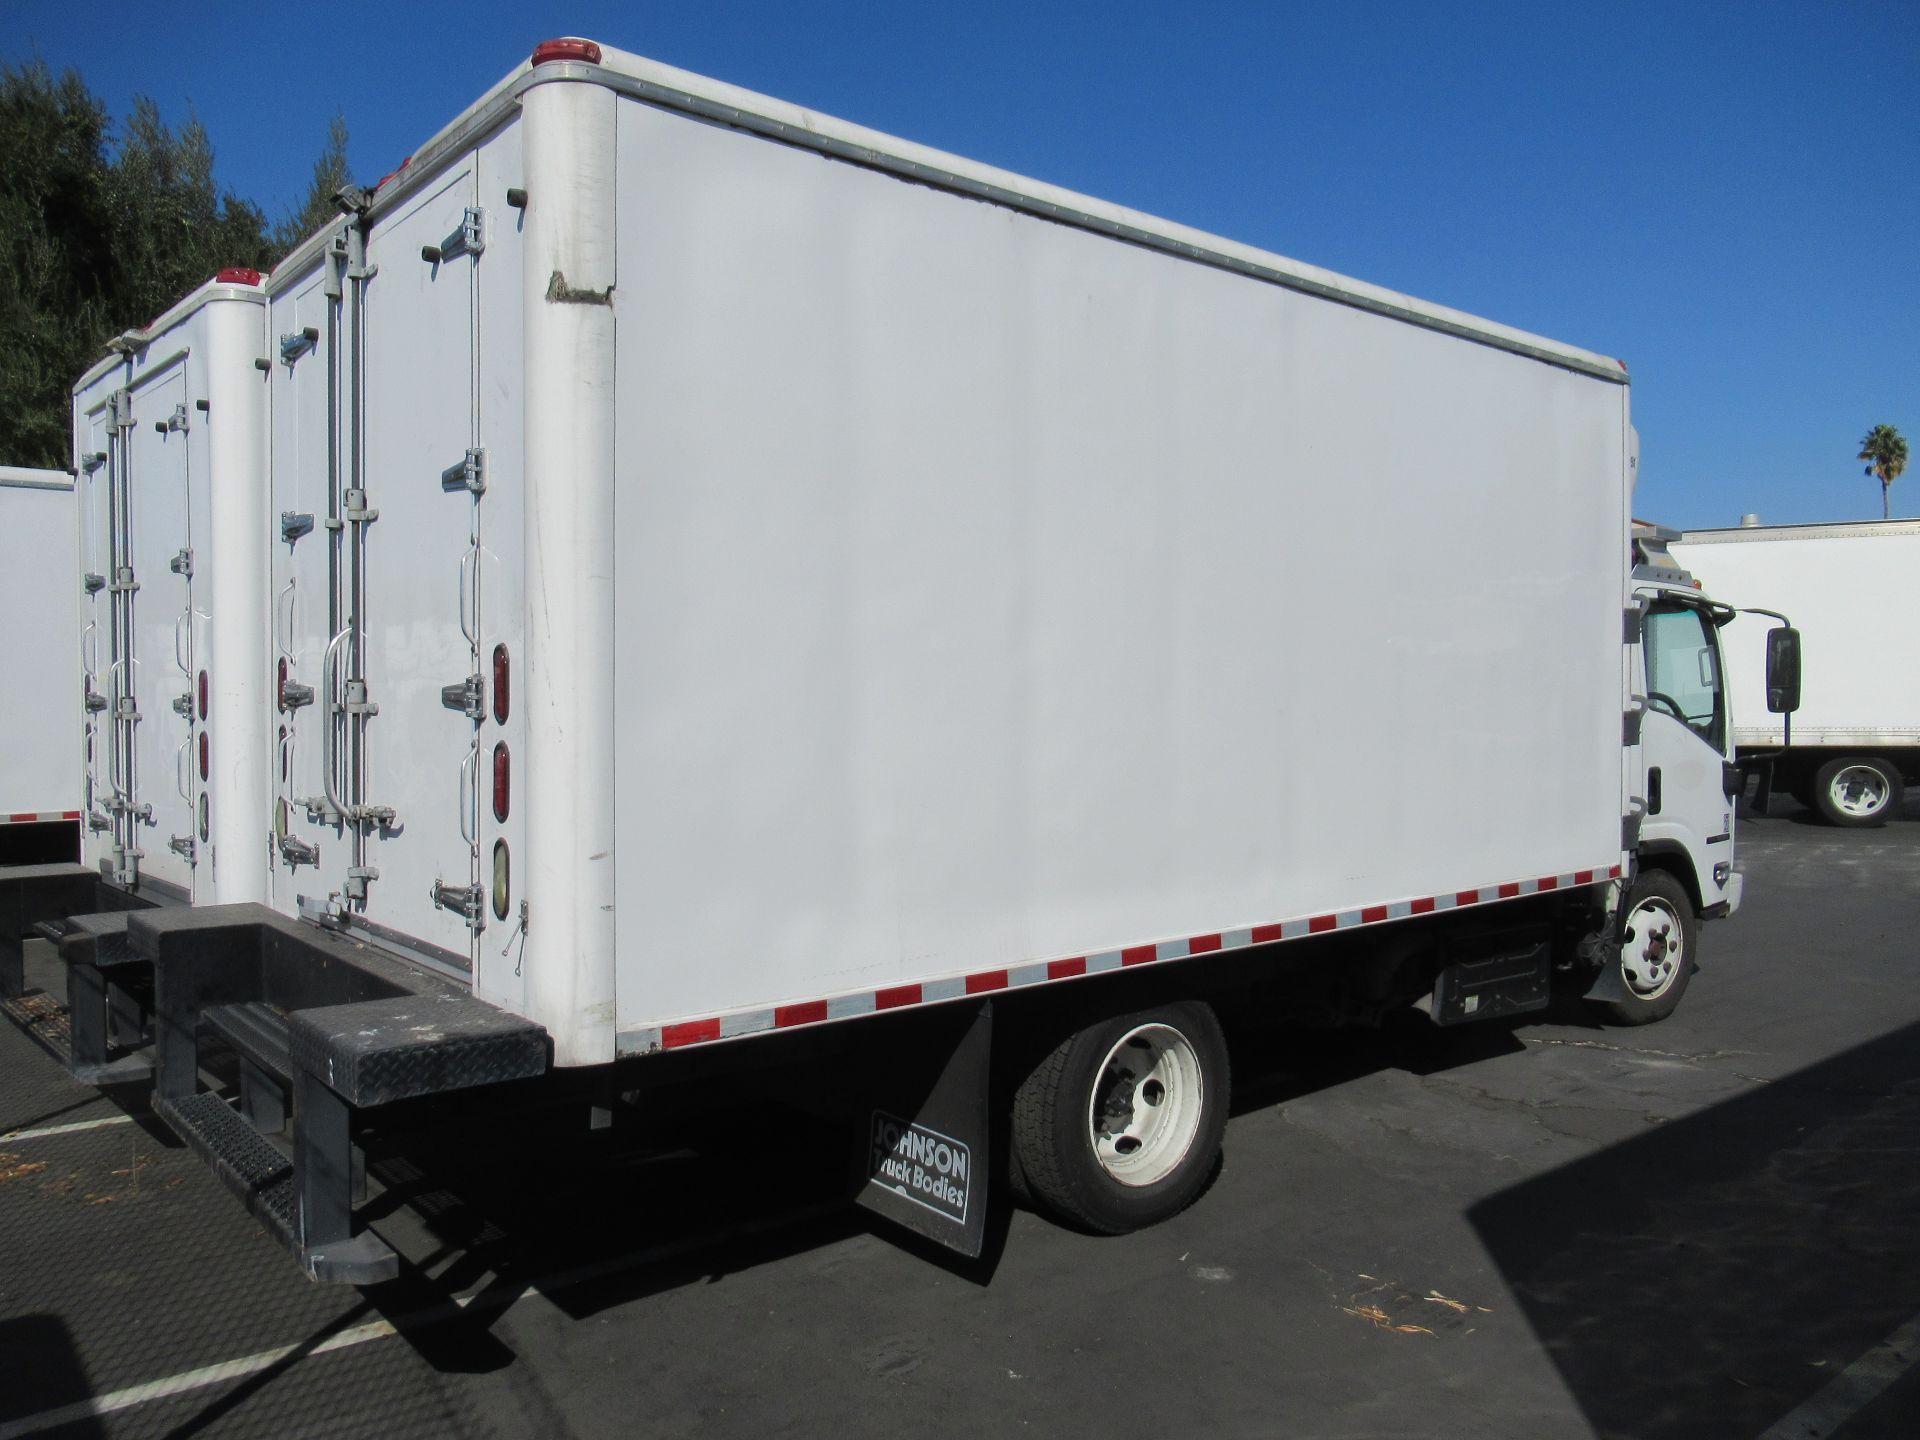 2013 Isuzu refrigerated truck - Image 2 of 10